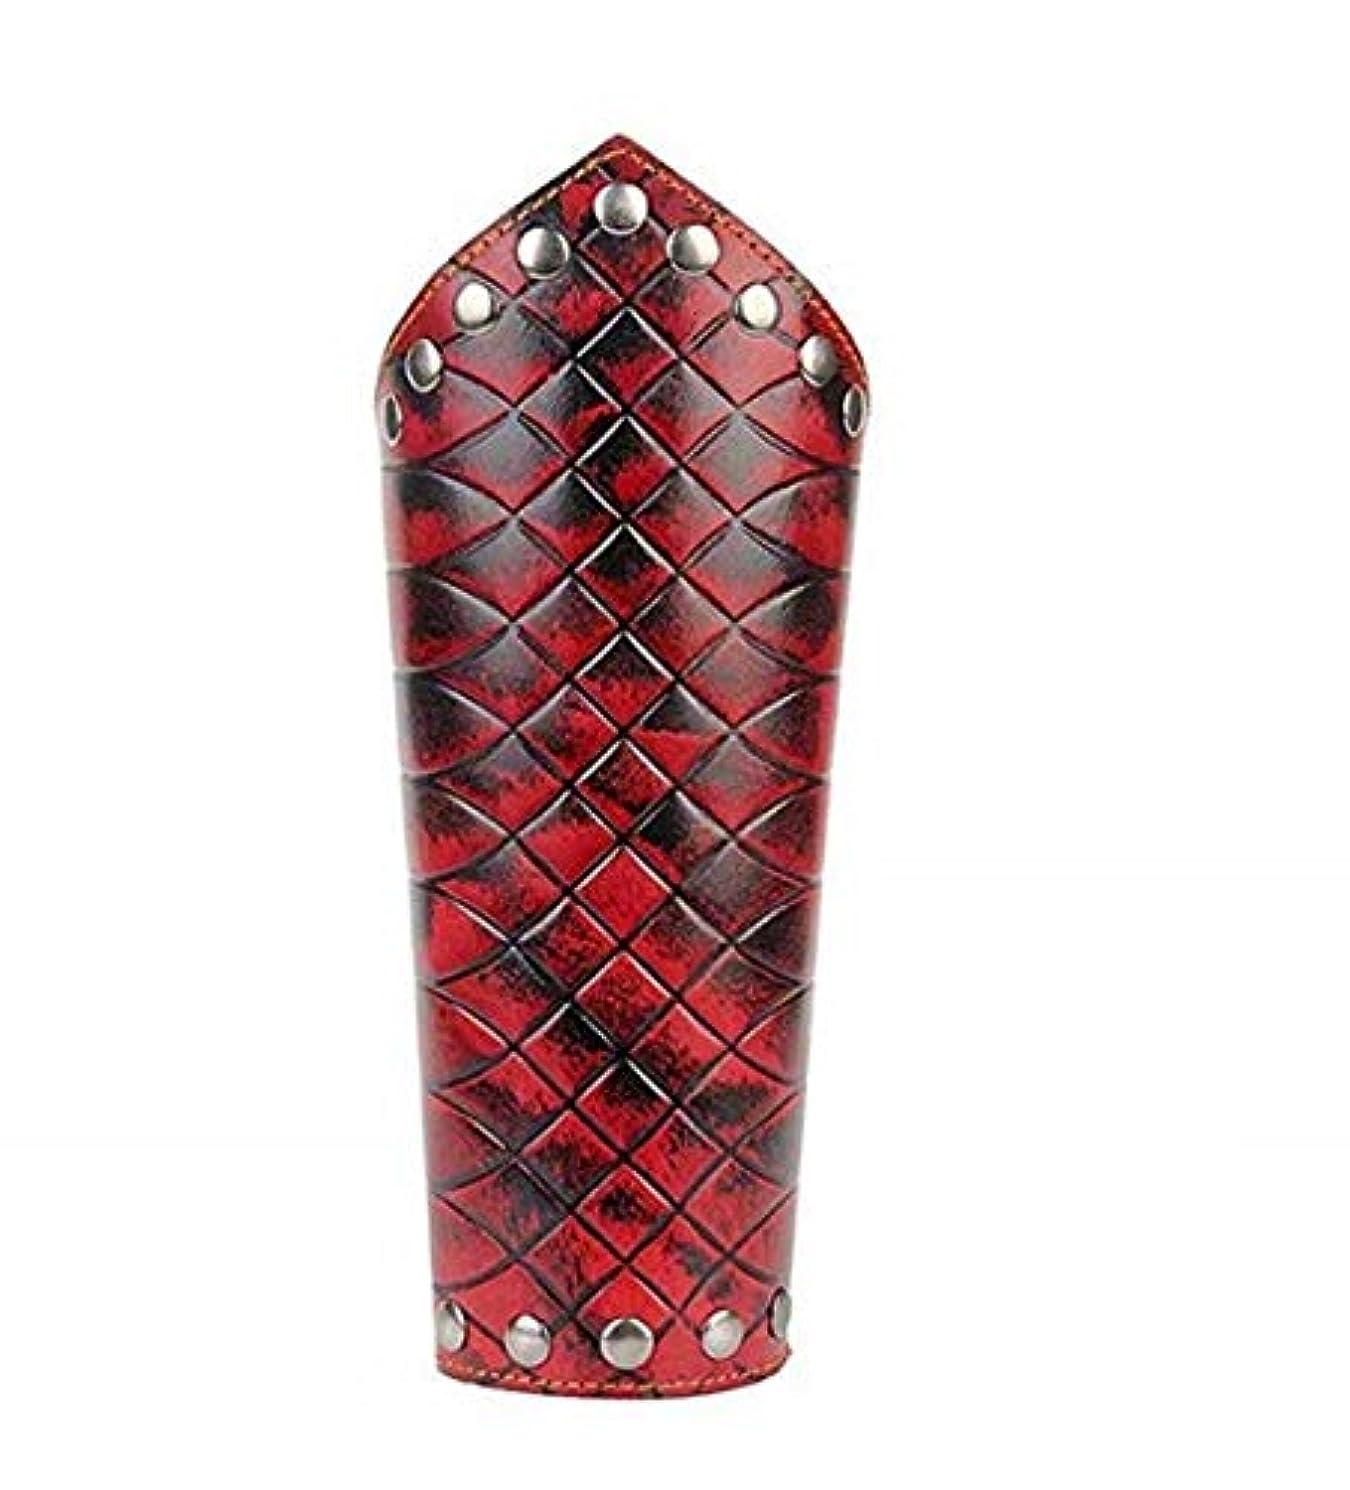 送った配管真珠のような七里の香 中世 ブレスレット レザー ガントレット リストバンド ブレスレット アーム アーマー